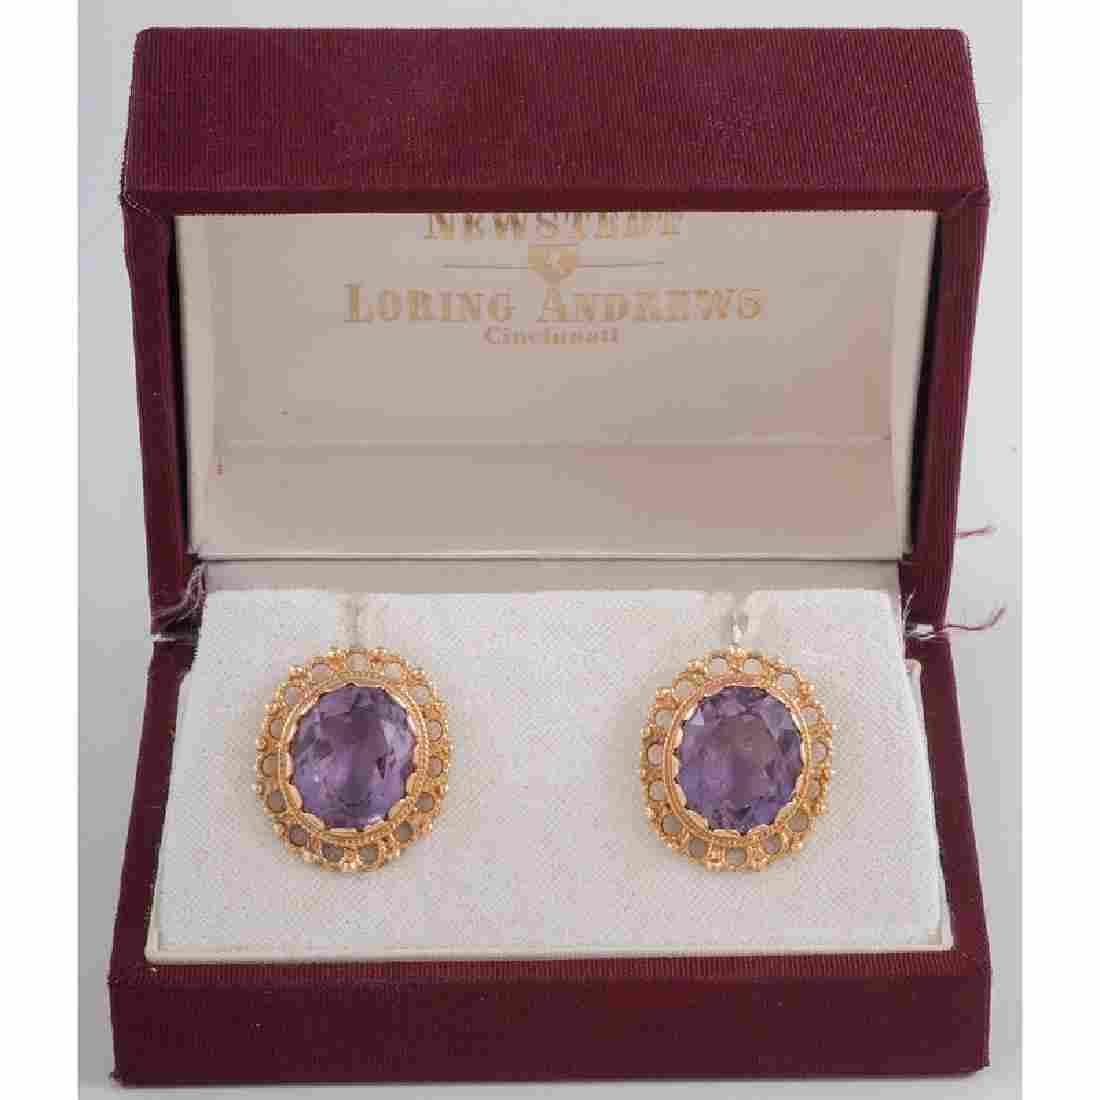 Amethyst Earrings in 14 Karat Yellow Gold 6.70 Dwt.